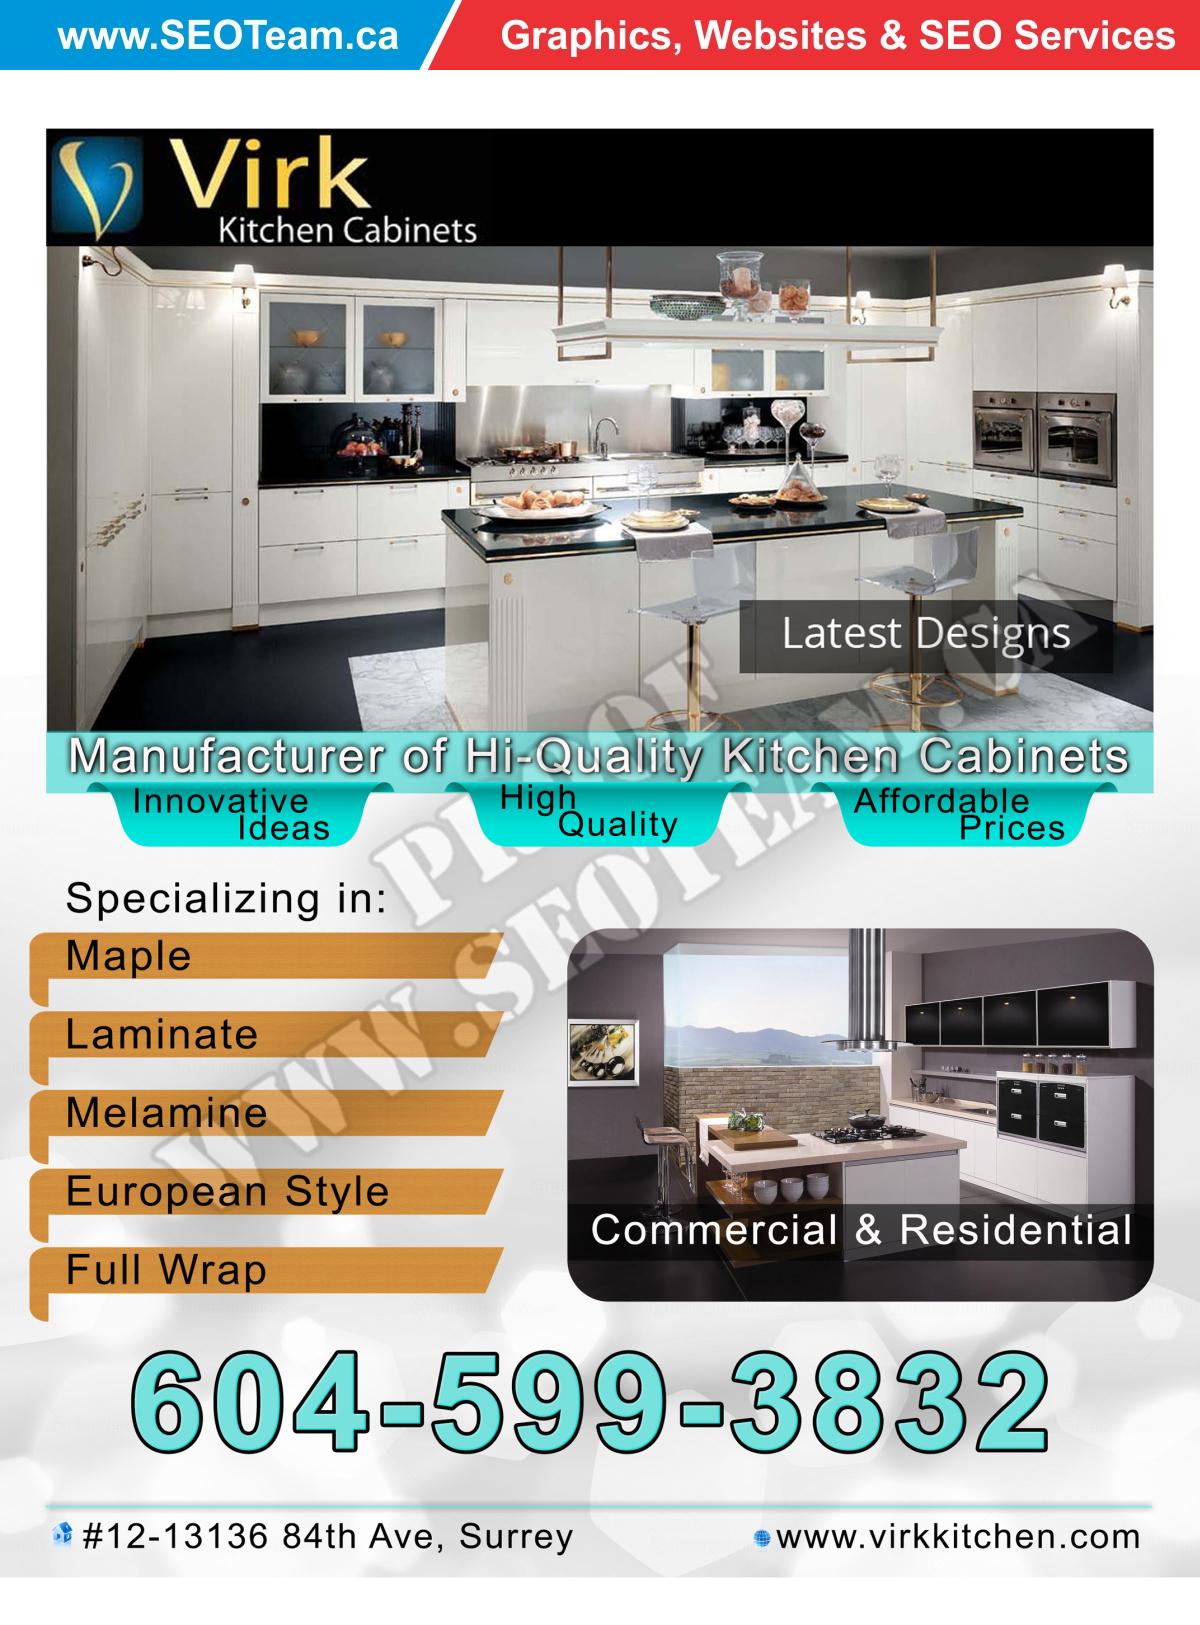 Virk Kitchen – Design By SEOTeam.ca